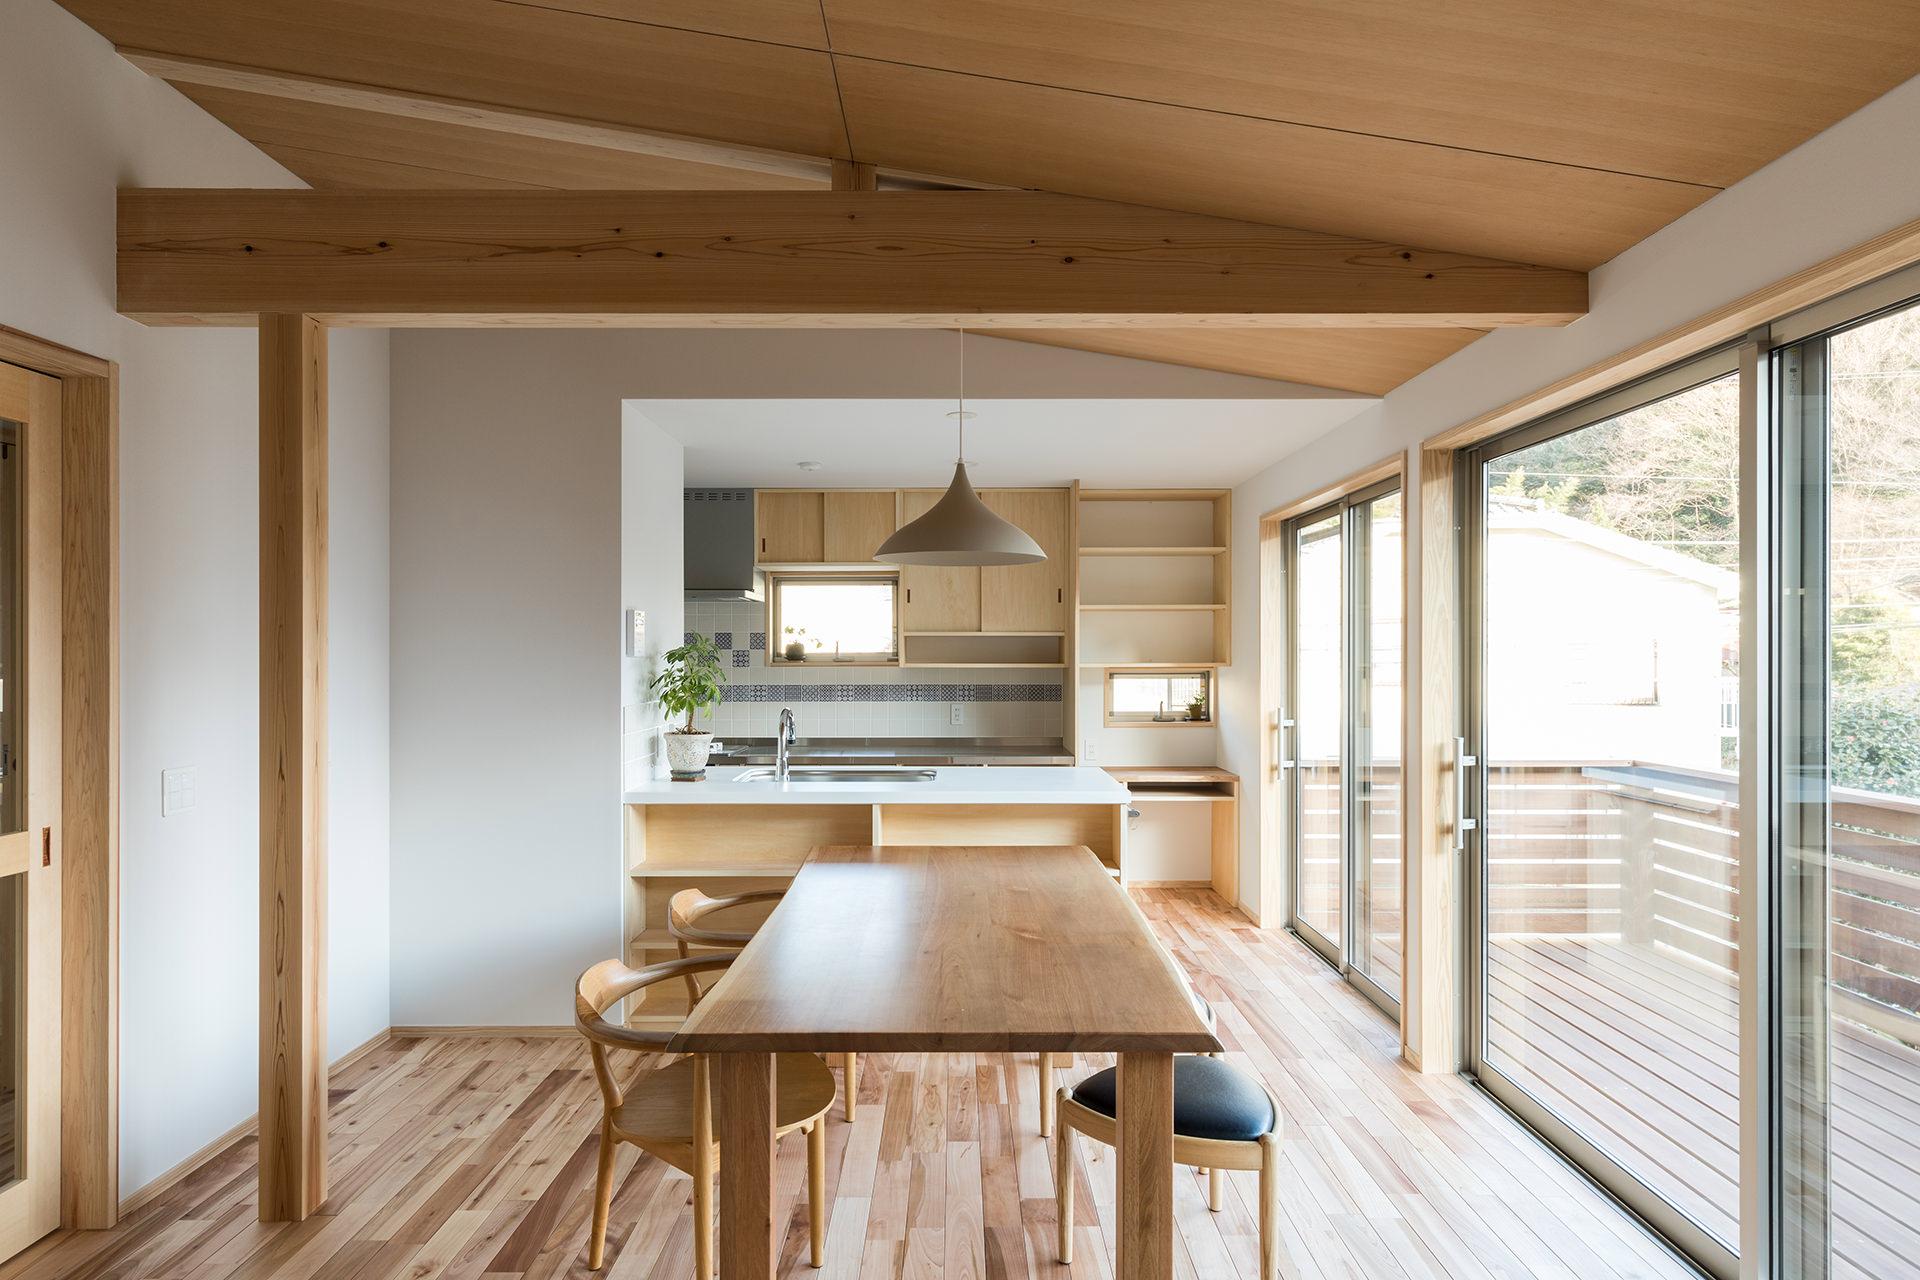 中山の家 イメージ1 撮影:東涌宏和